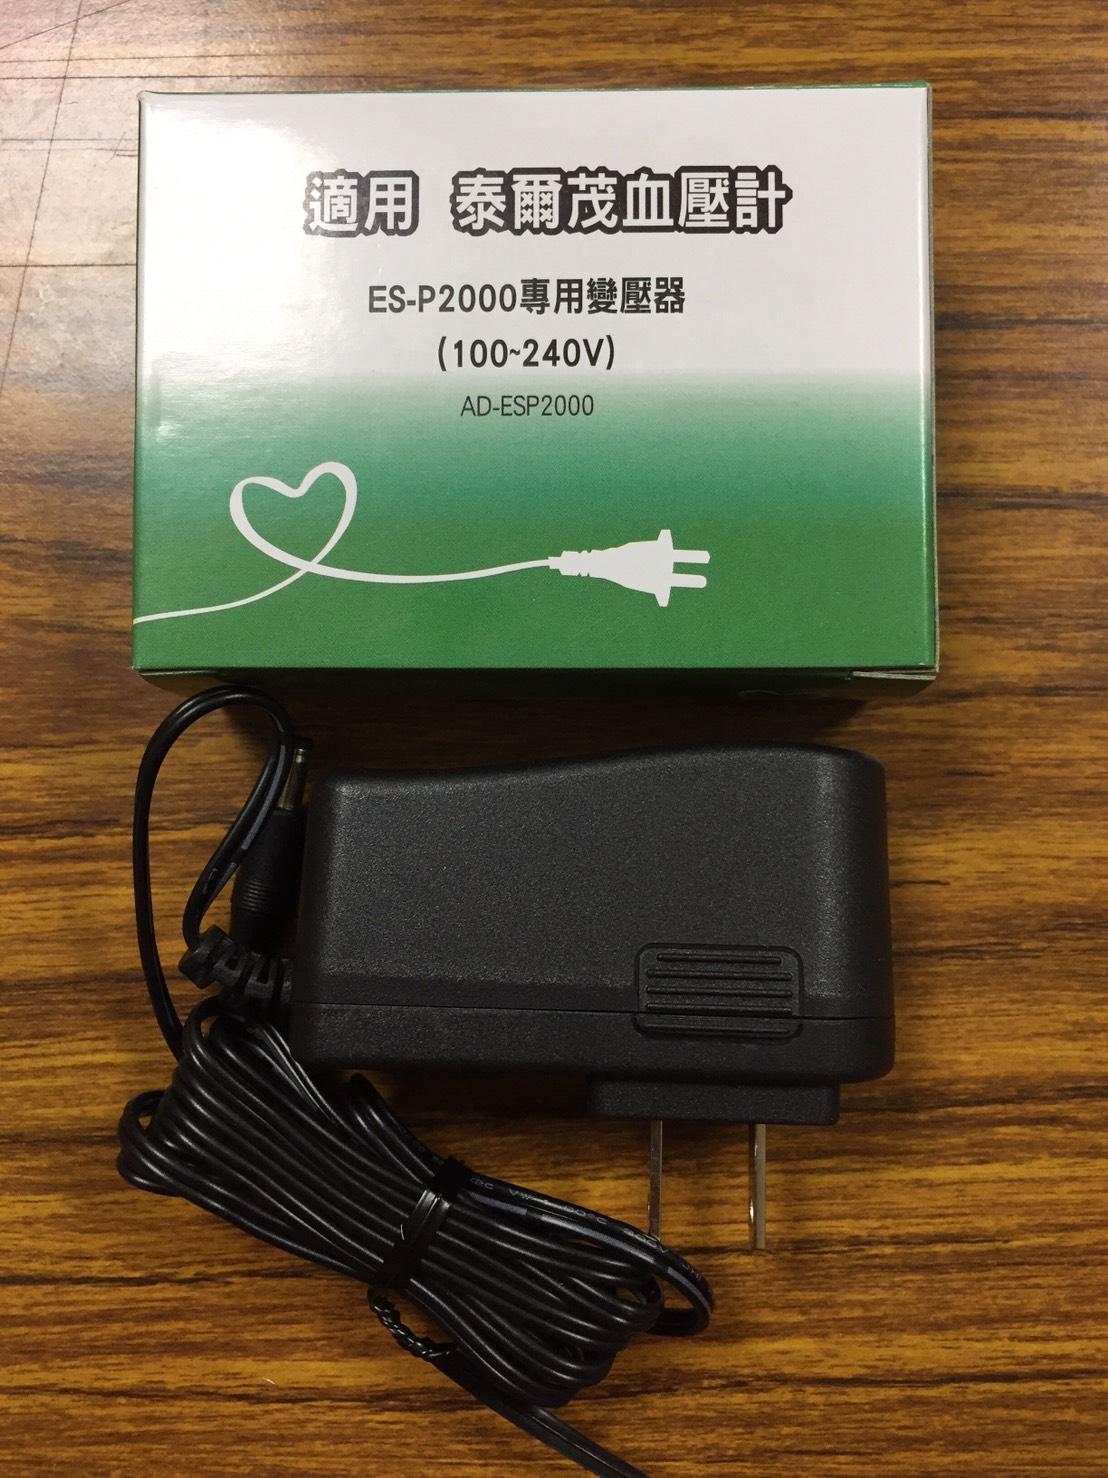 日本泰爾茂TERUMO隧道式血壓計ESP2000專用變壓器(適用國際電壓100~240V)電源供應器